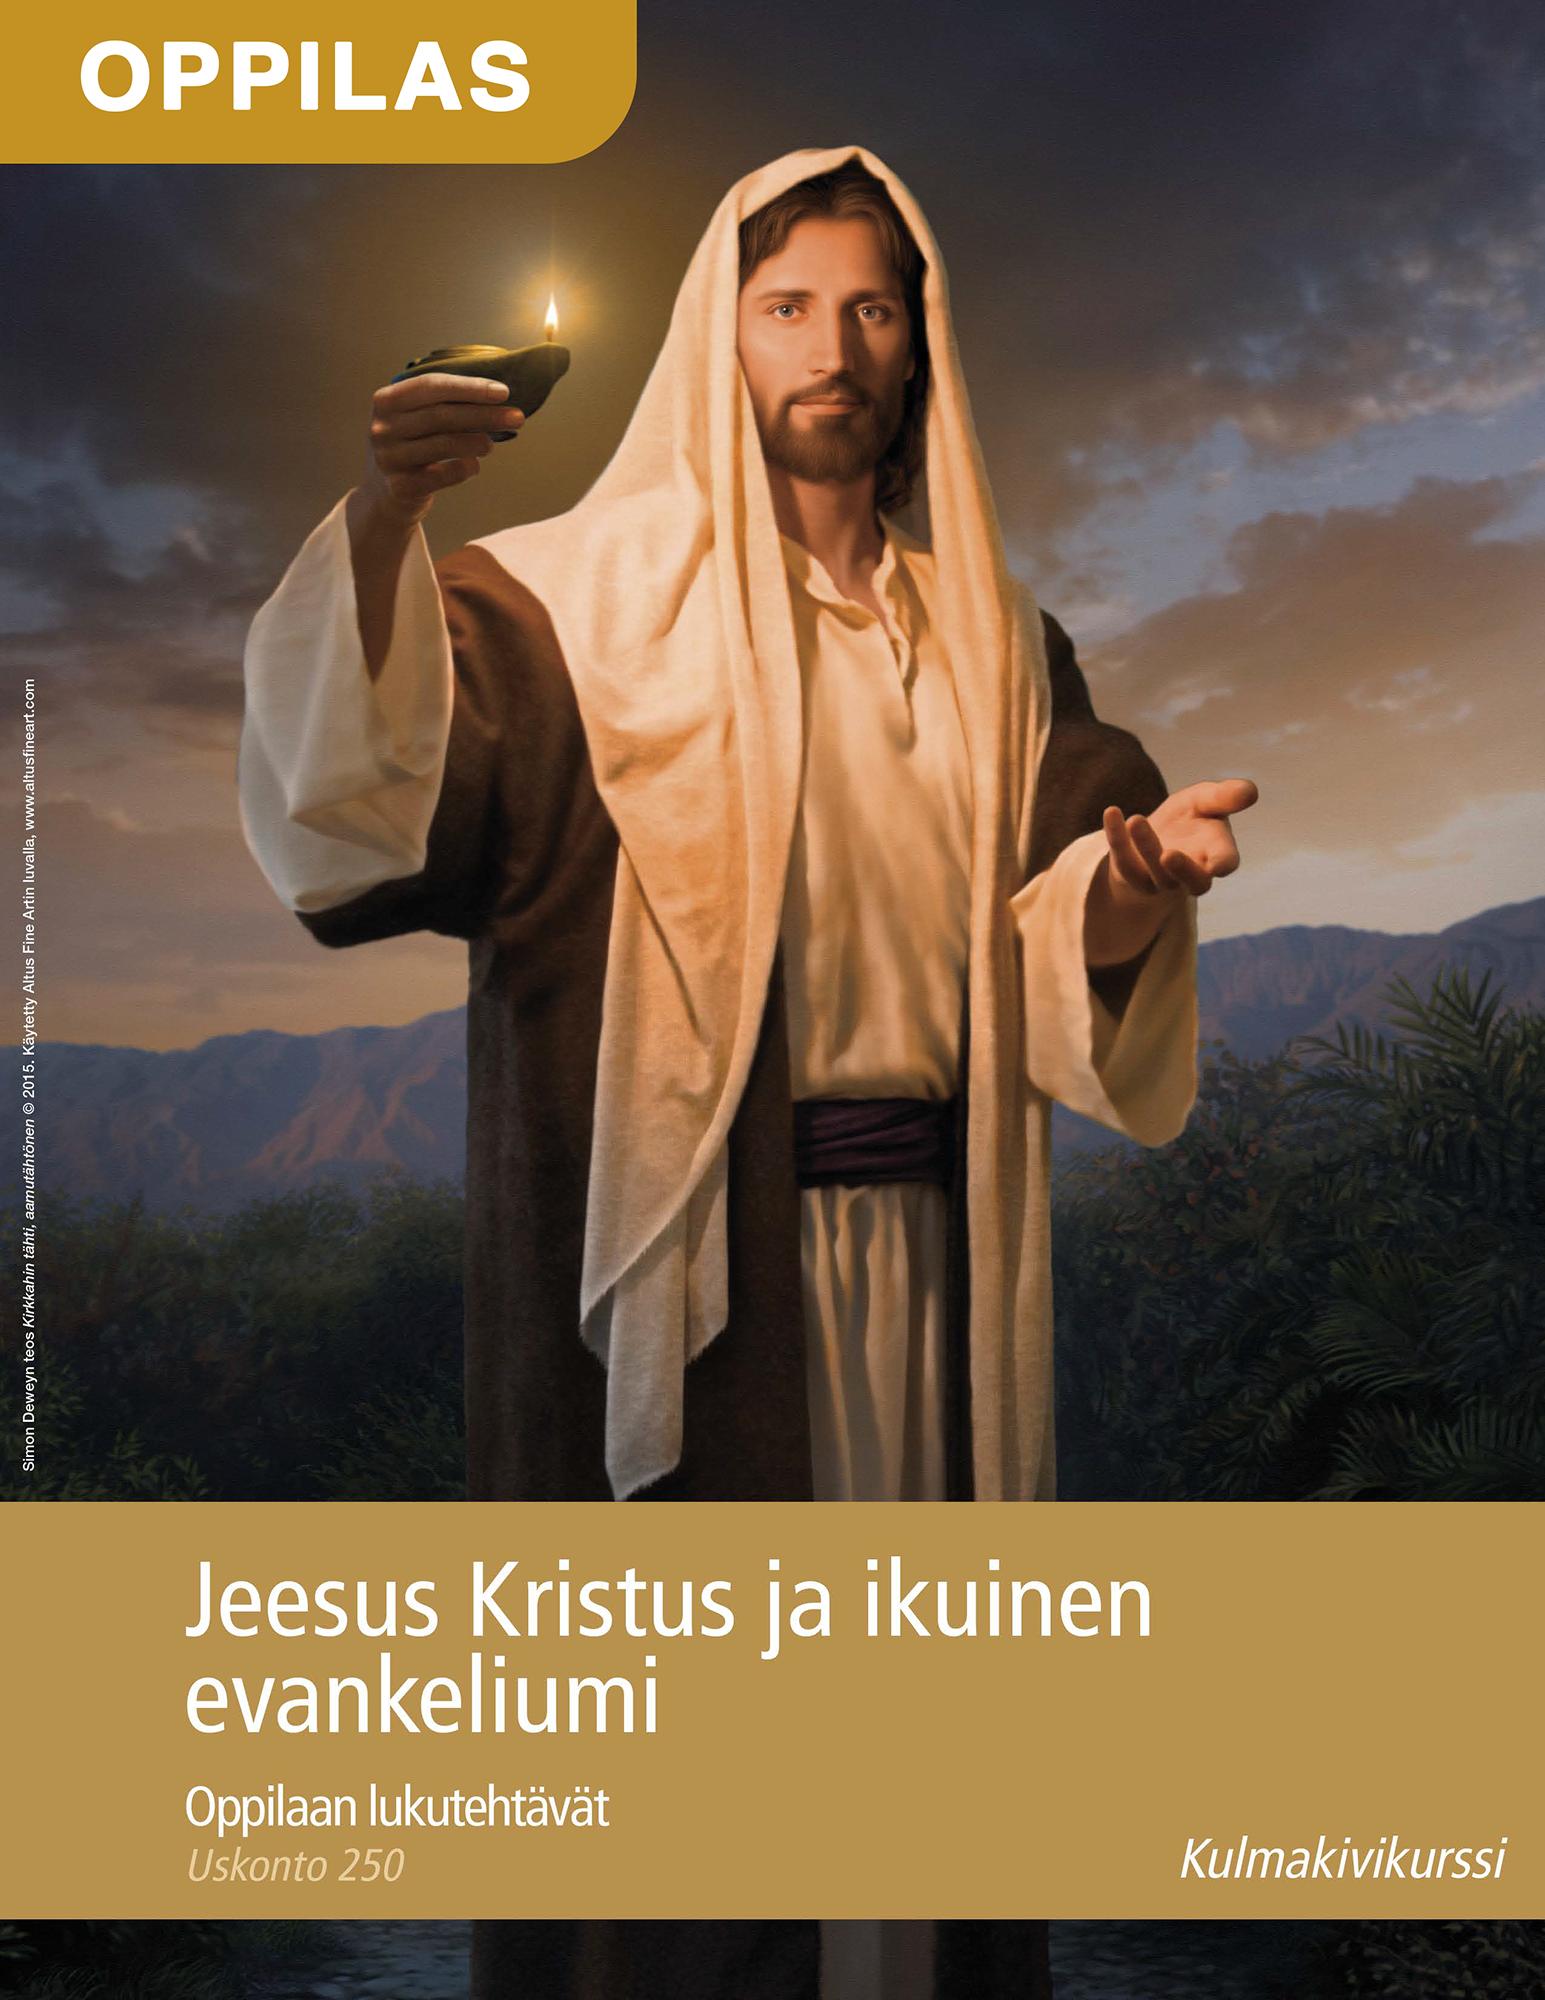 Jeesus Kristus ja ikuinen evankeliumi, oppilaan lukutehtävät (Uskonto 250)